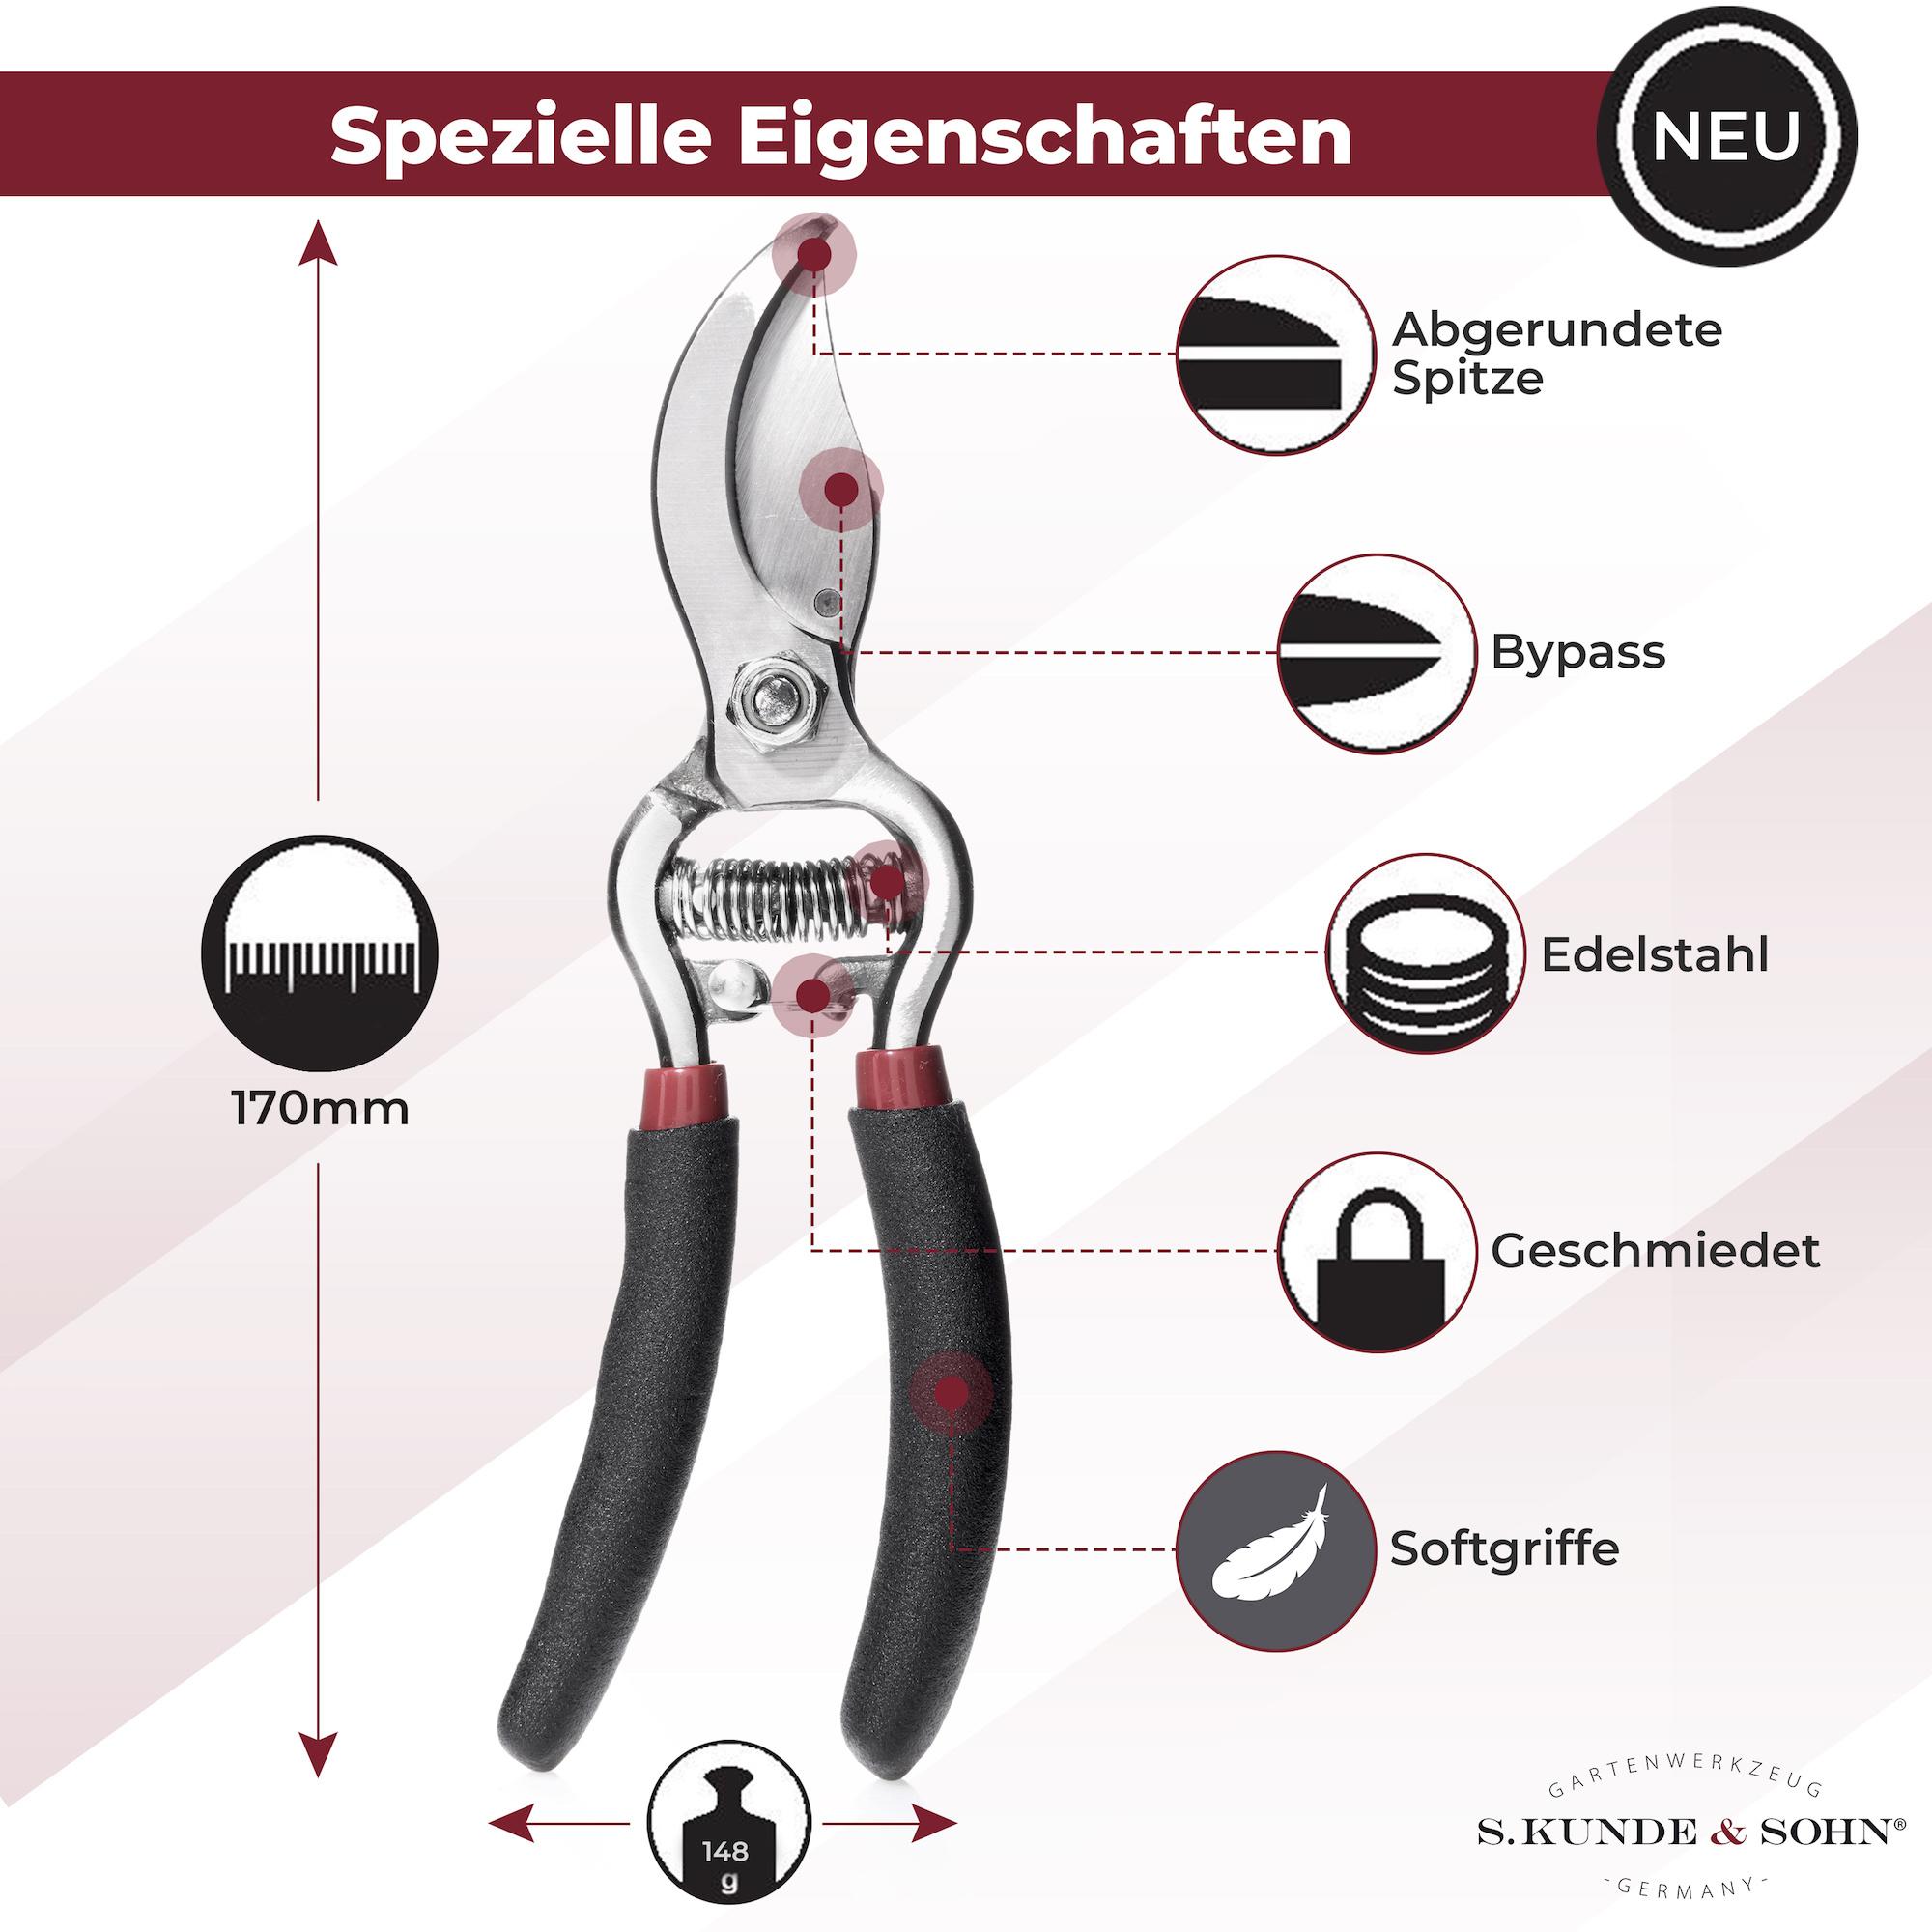 S. Kunde & Sohn Germany SKS 6 Tradition Schwarz/Klinge silber 2er Set - Schere + 1 Ersatzklinge